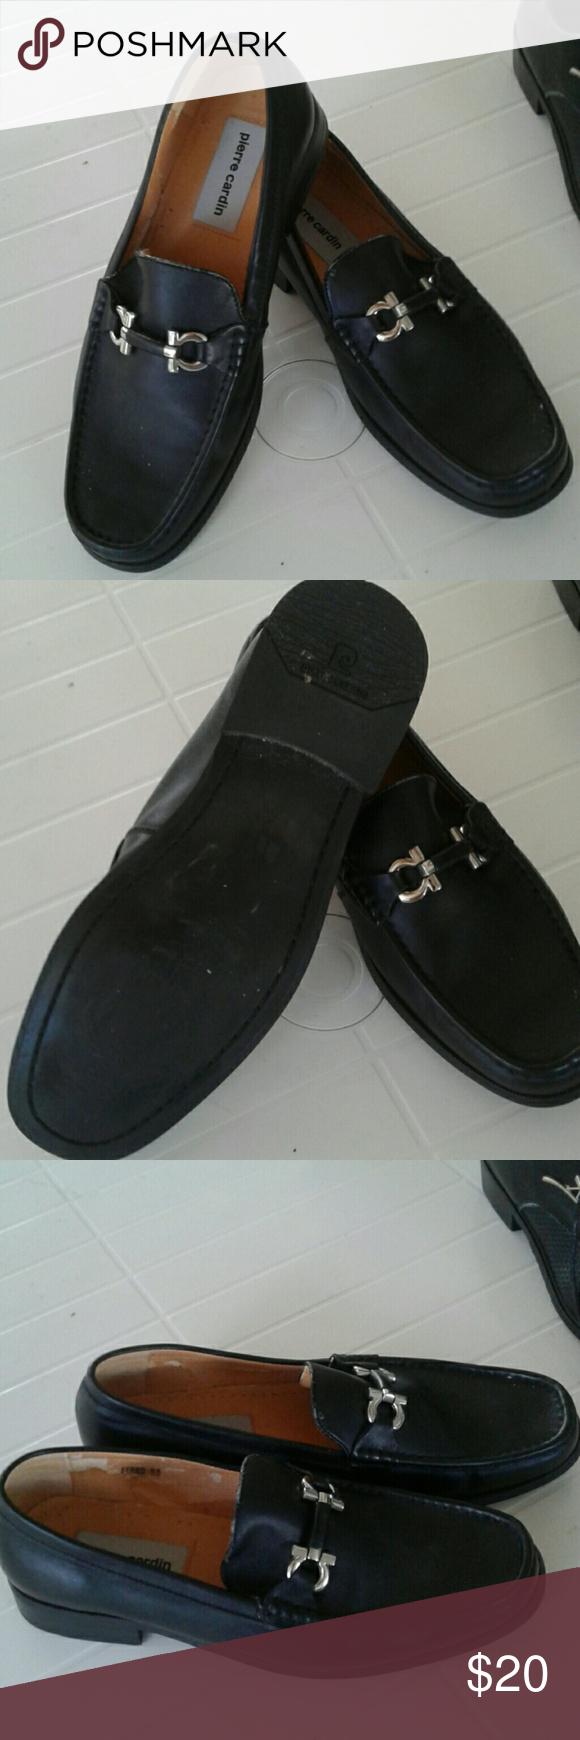 pierre cardin slip on shoes